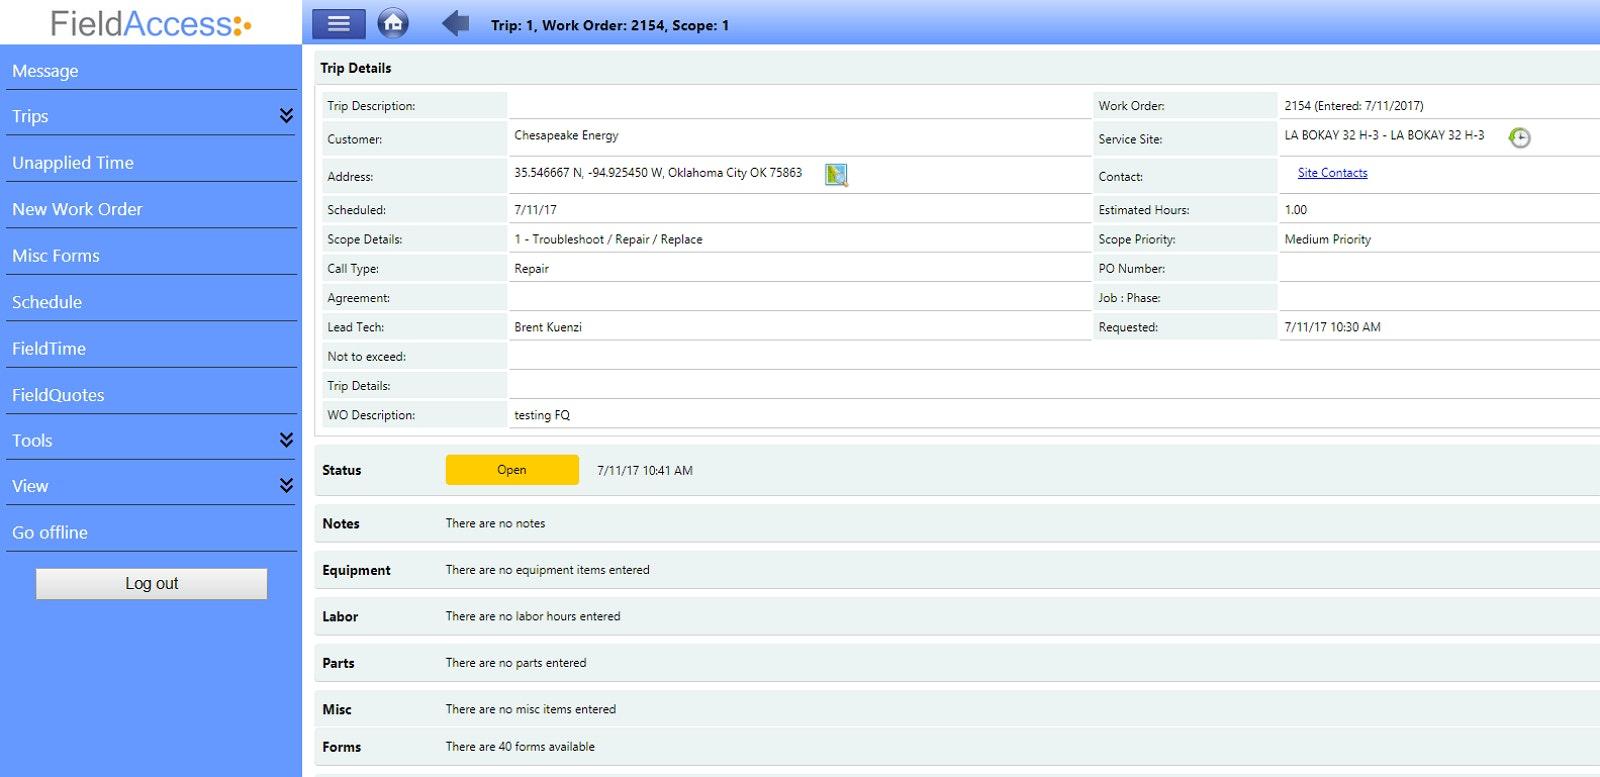 Mobile Work Order Management